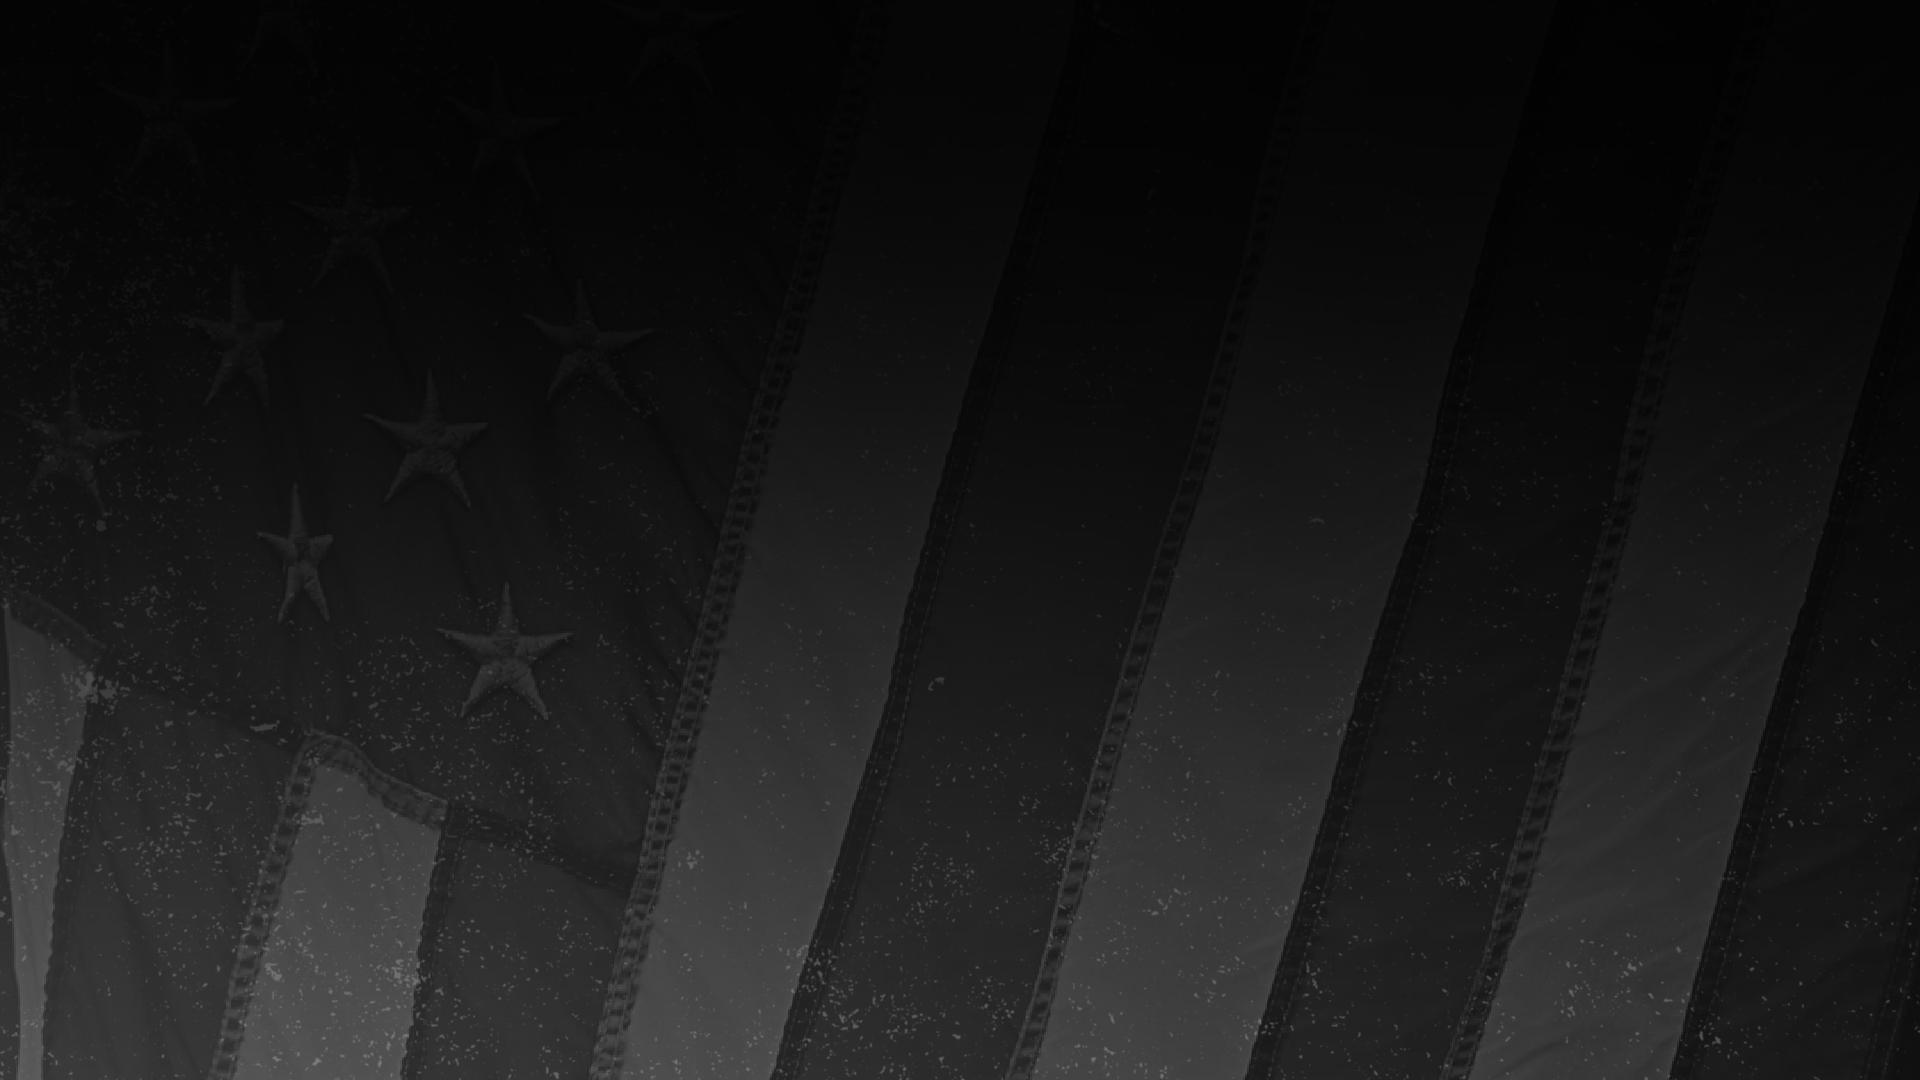 Texture Background (JPG)